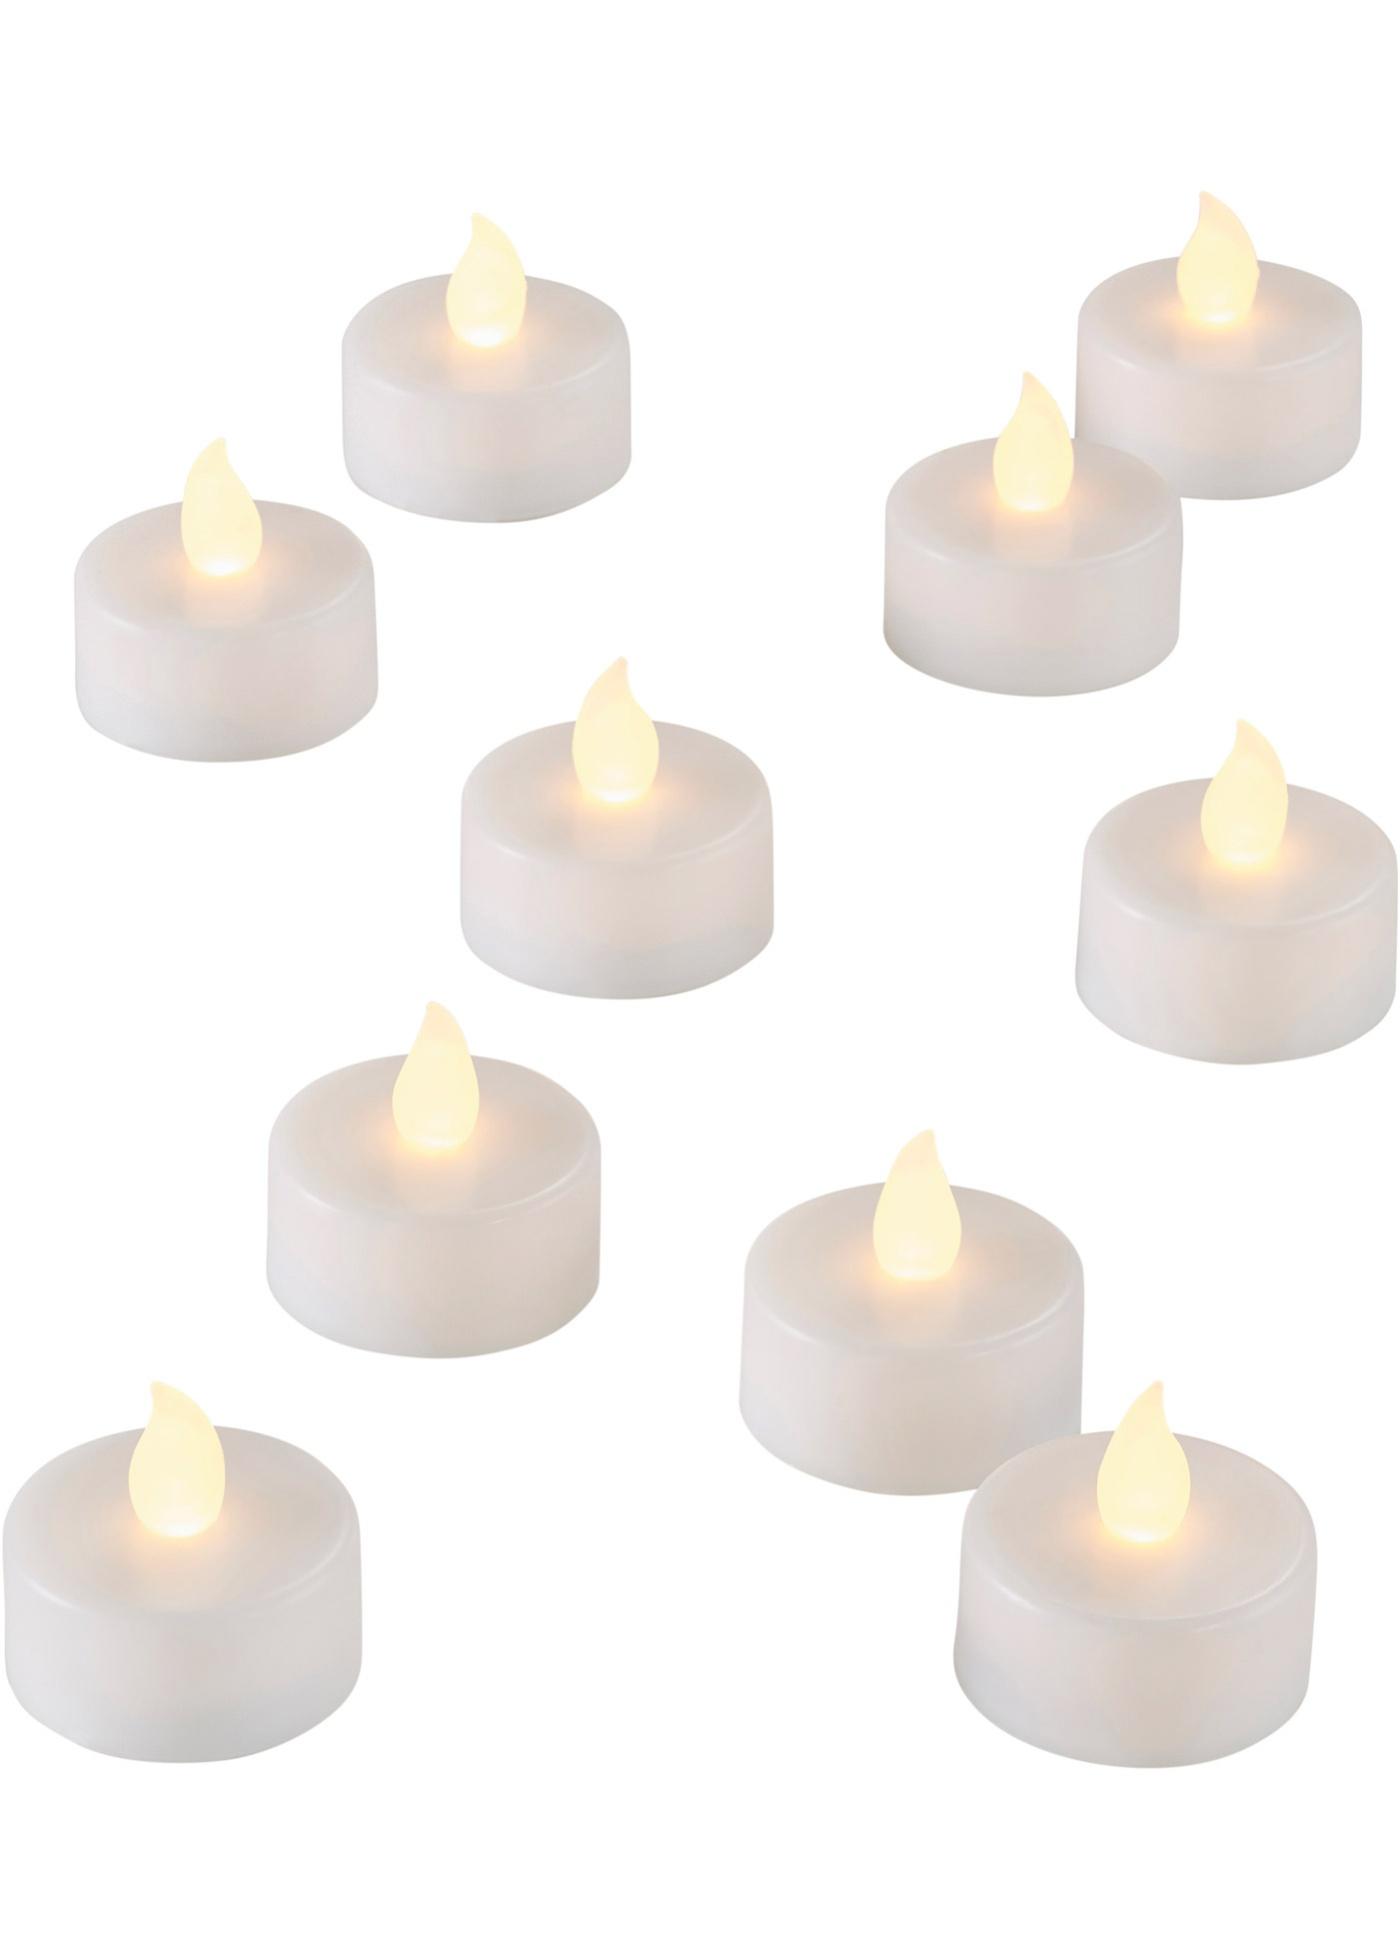 Bougies chauffe-plat LED (Ens. 10 pces.)